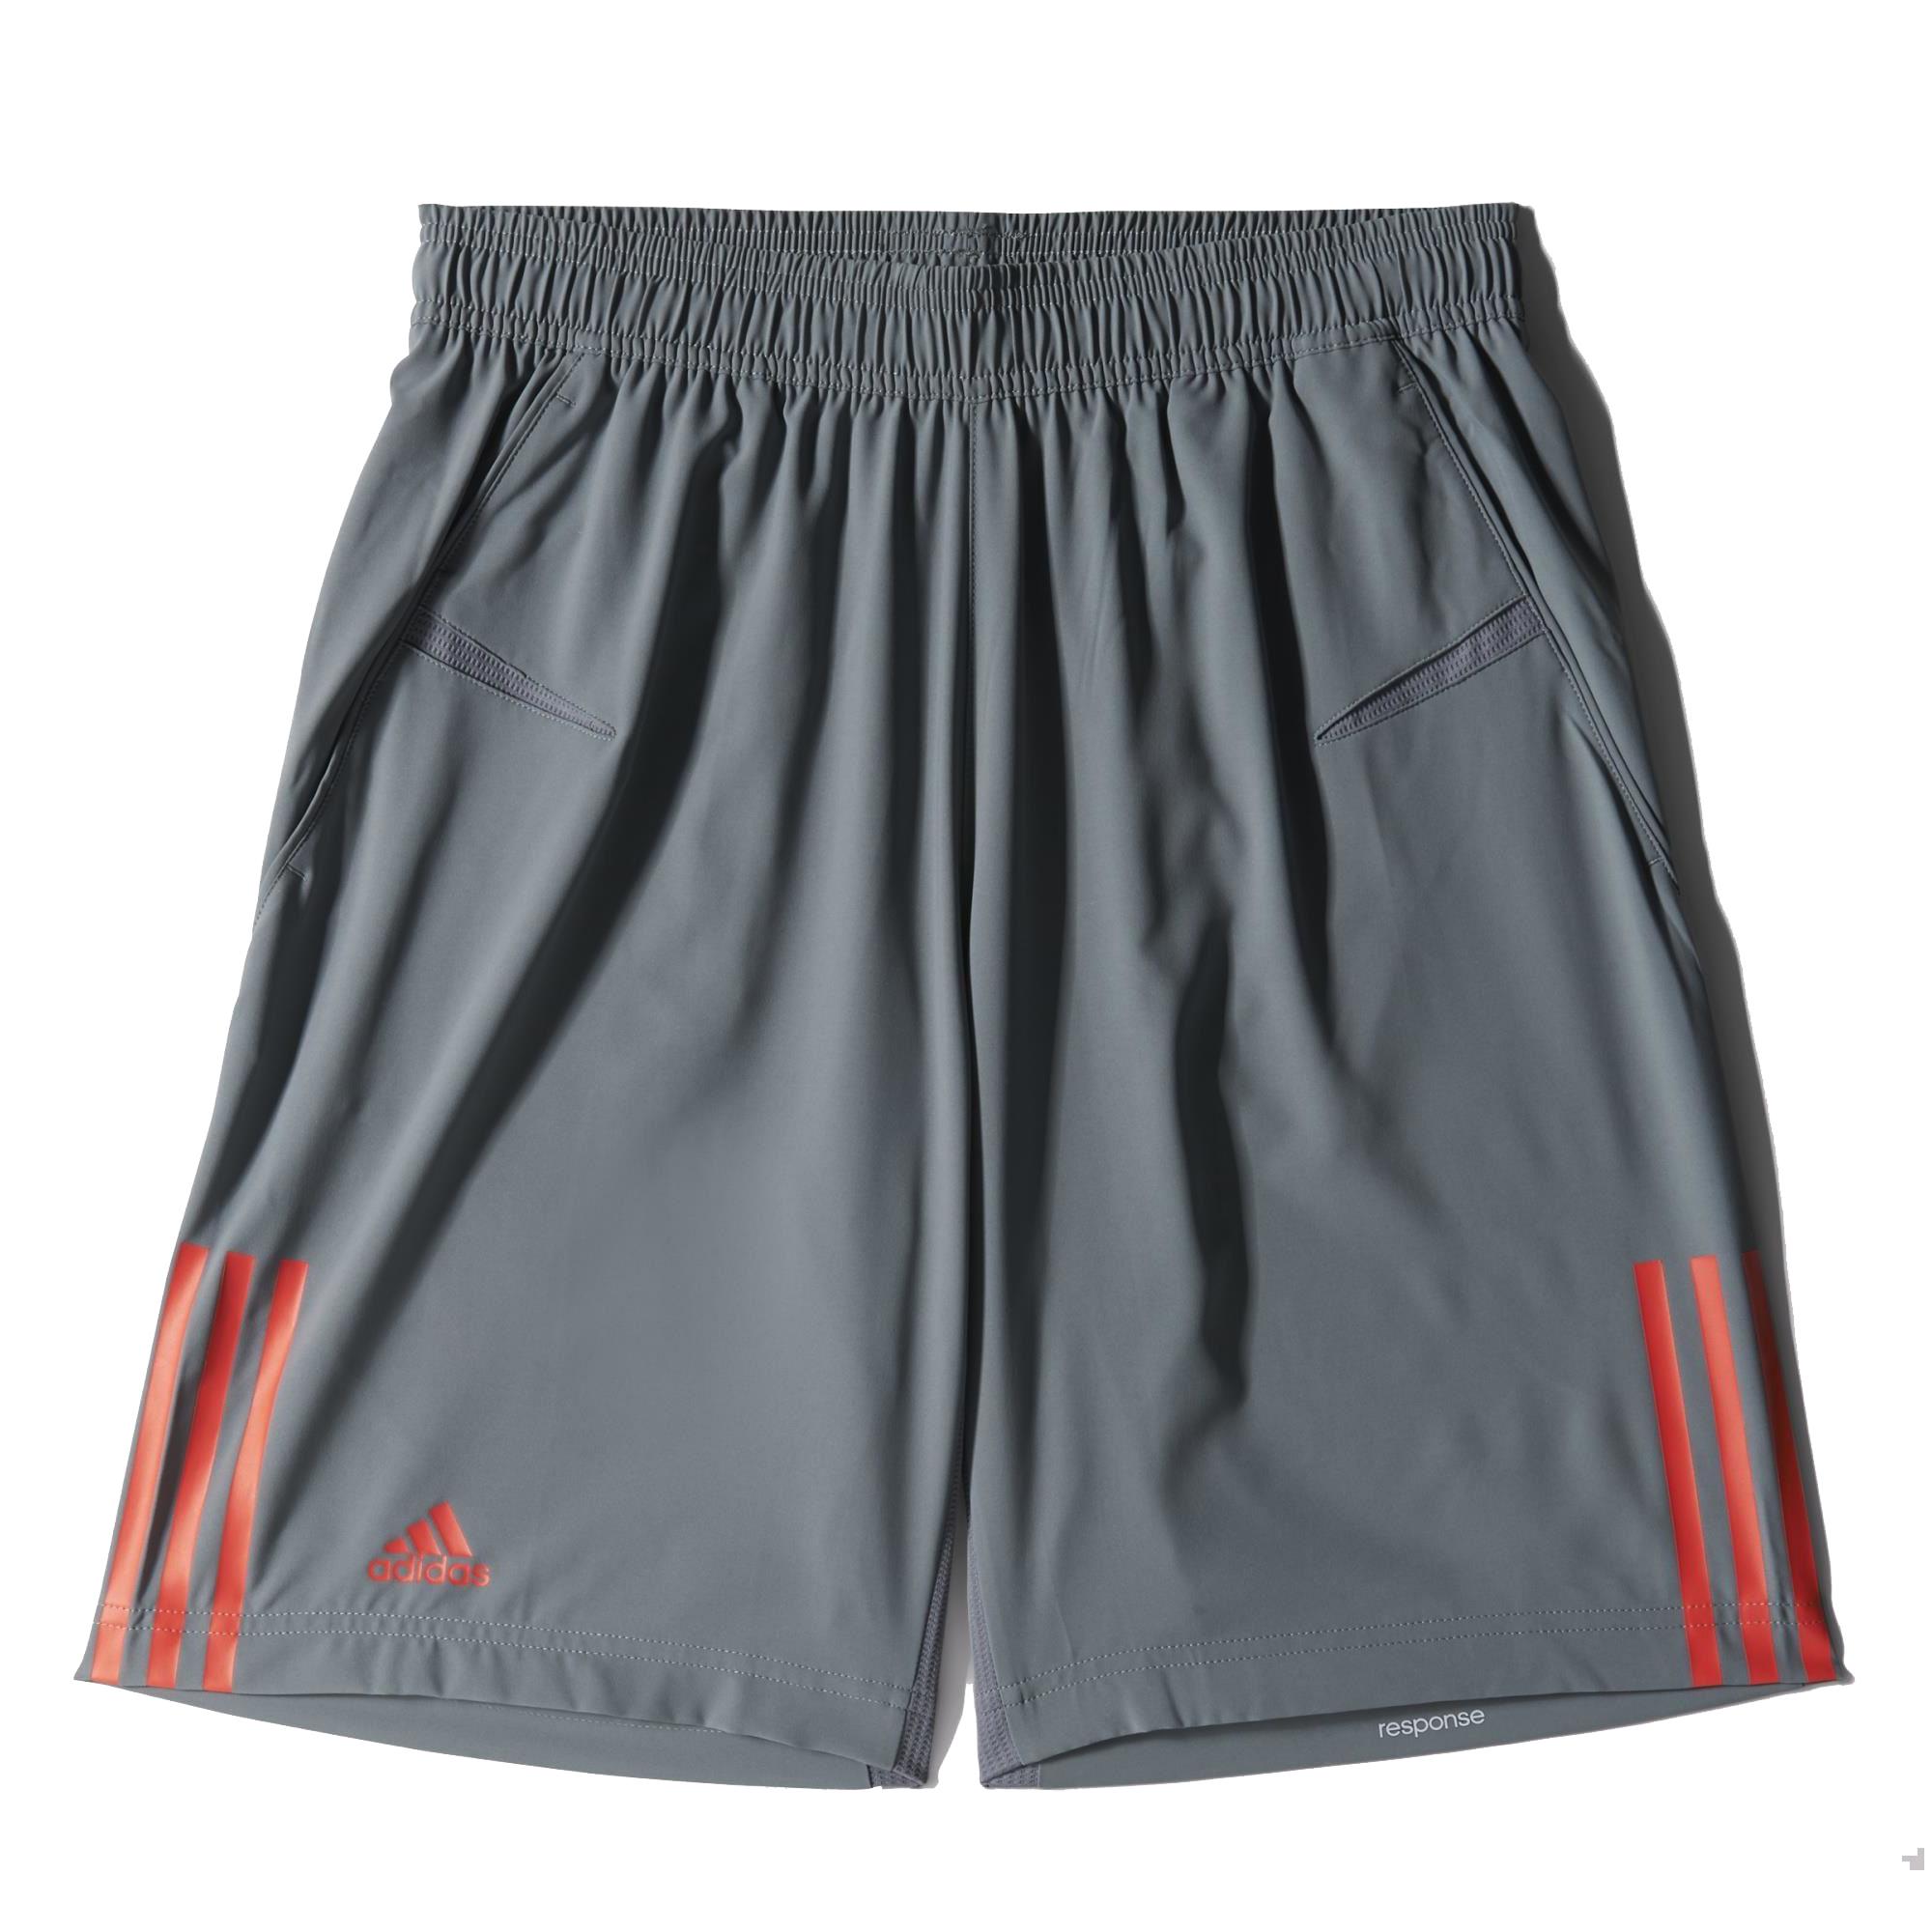 heren sport short Adidas S15711 RESPONSE antraciet